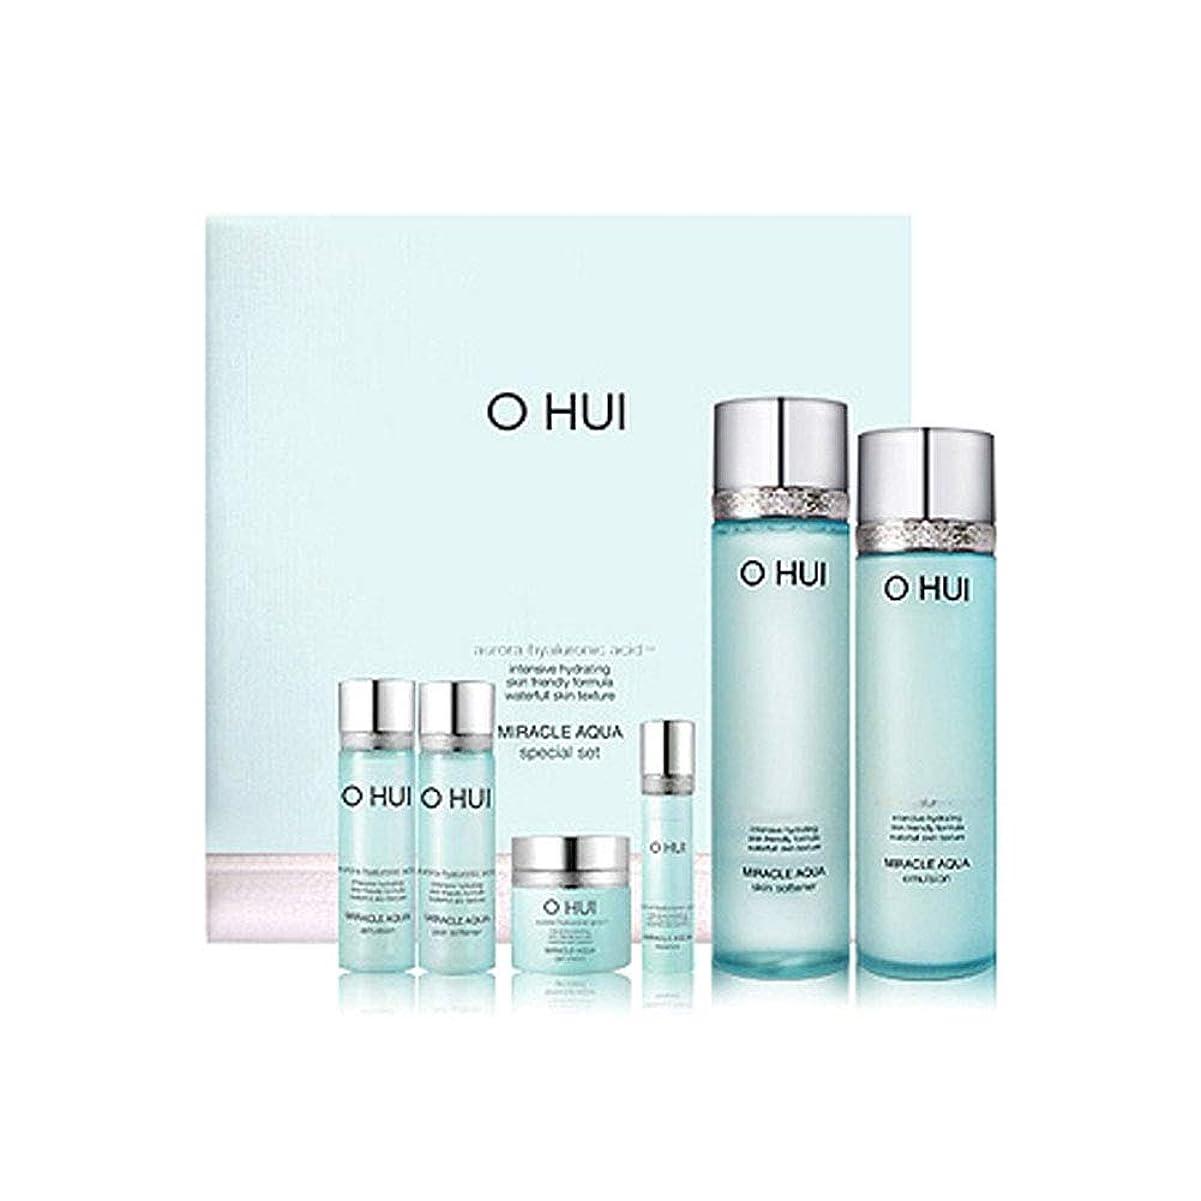 あいにく知性動機付けるオフィミラクルアクアスキンソフナーエマルジョンセット韓国コスメ、O Hui Miracle Aqua Skin Softener Emulsion Set Korean Cosmetics [並行輸入品]